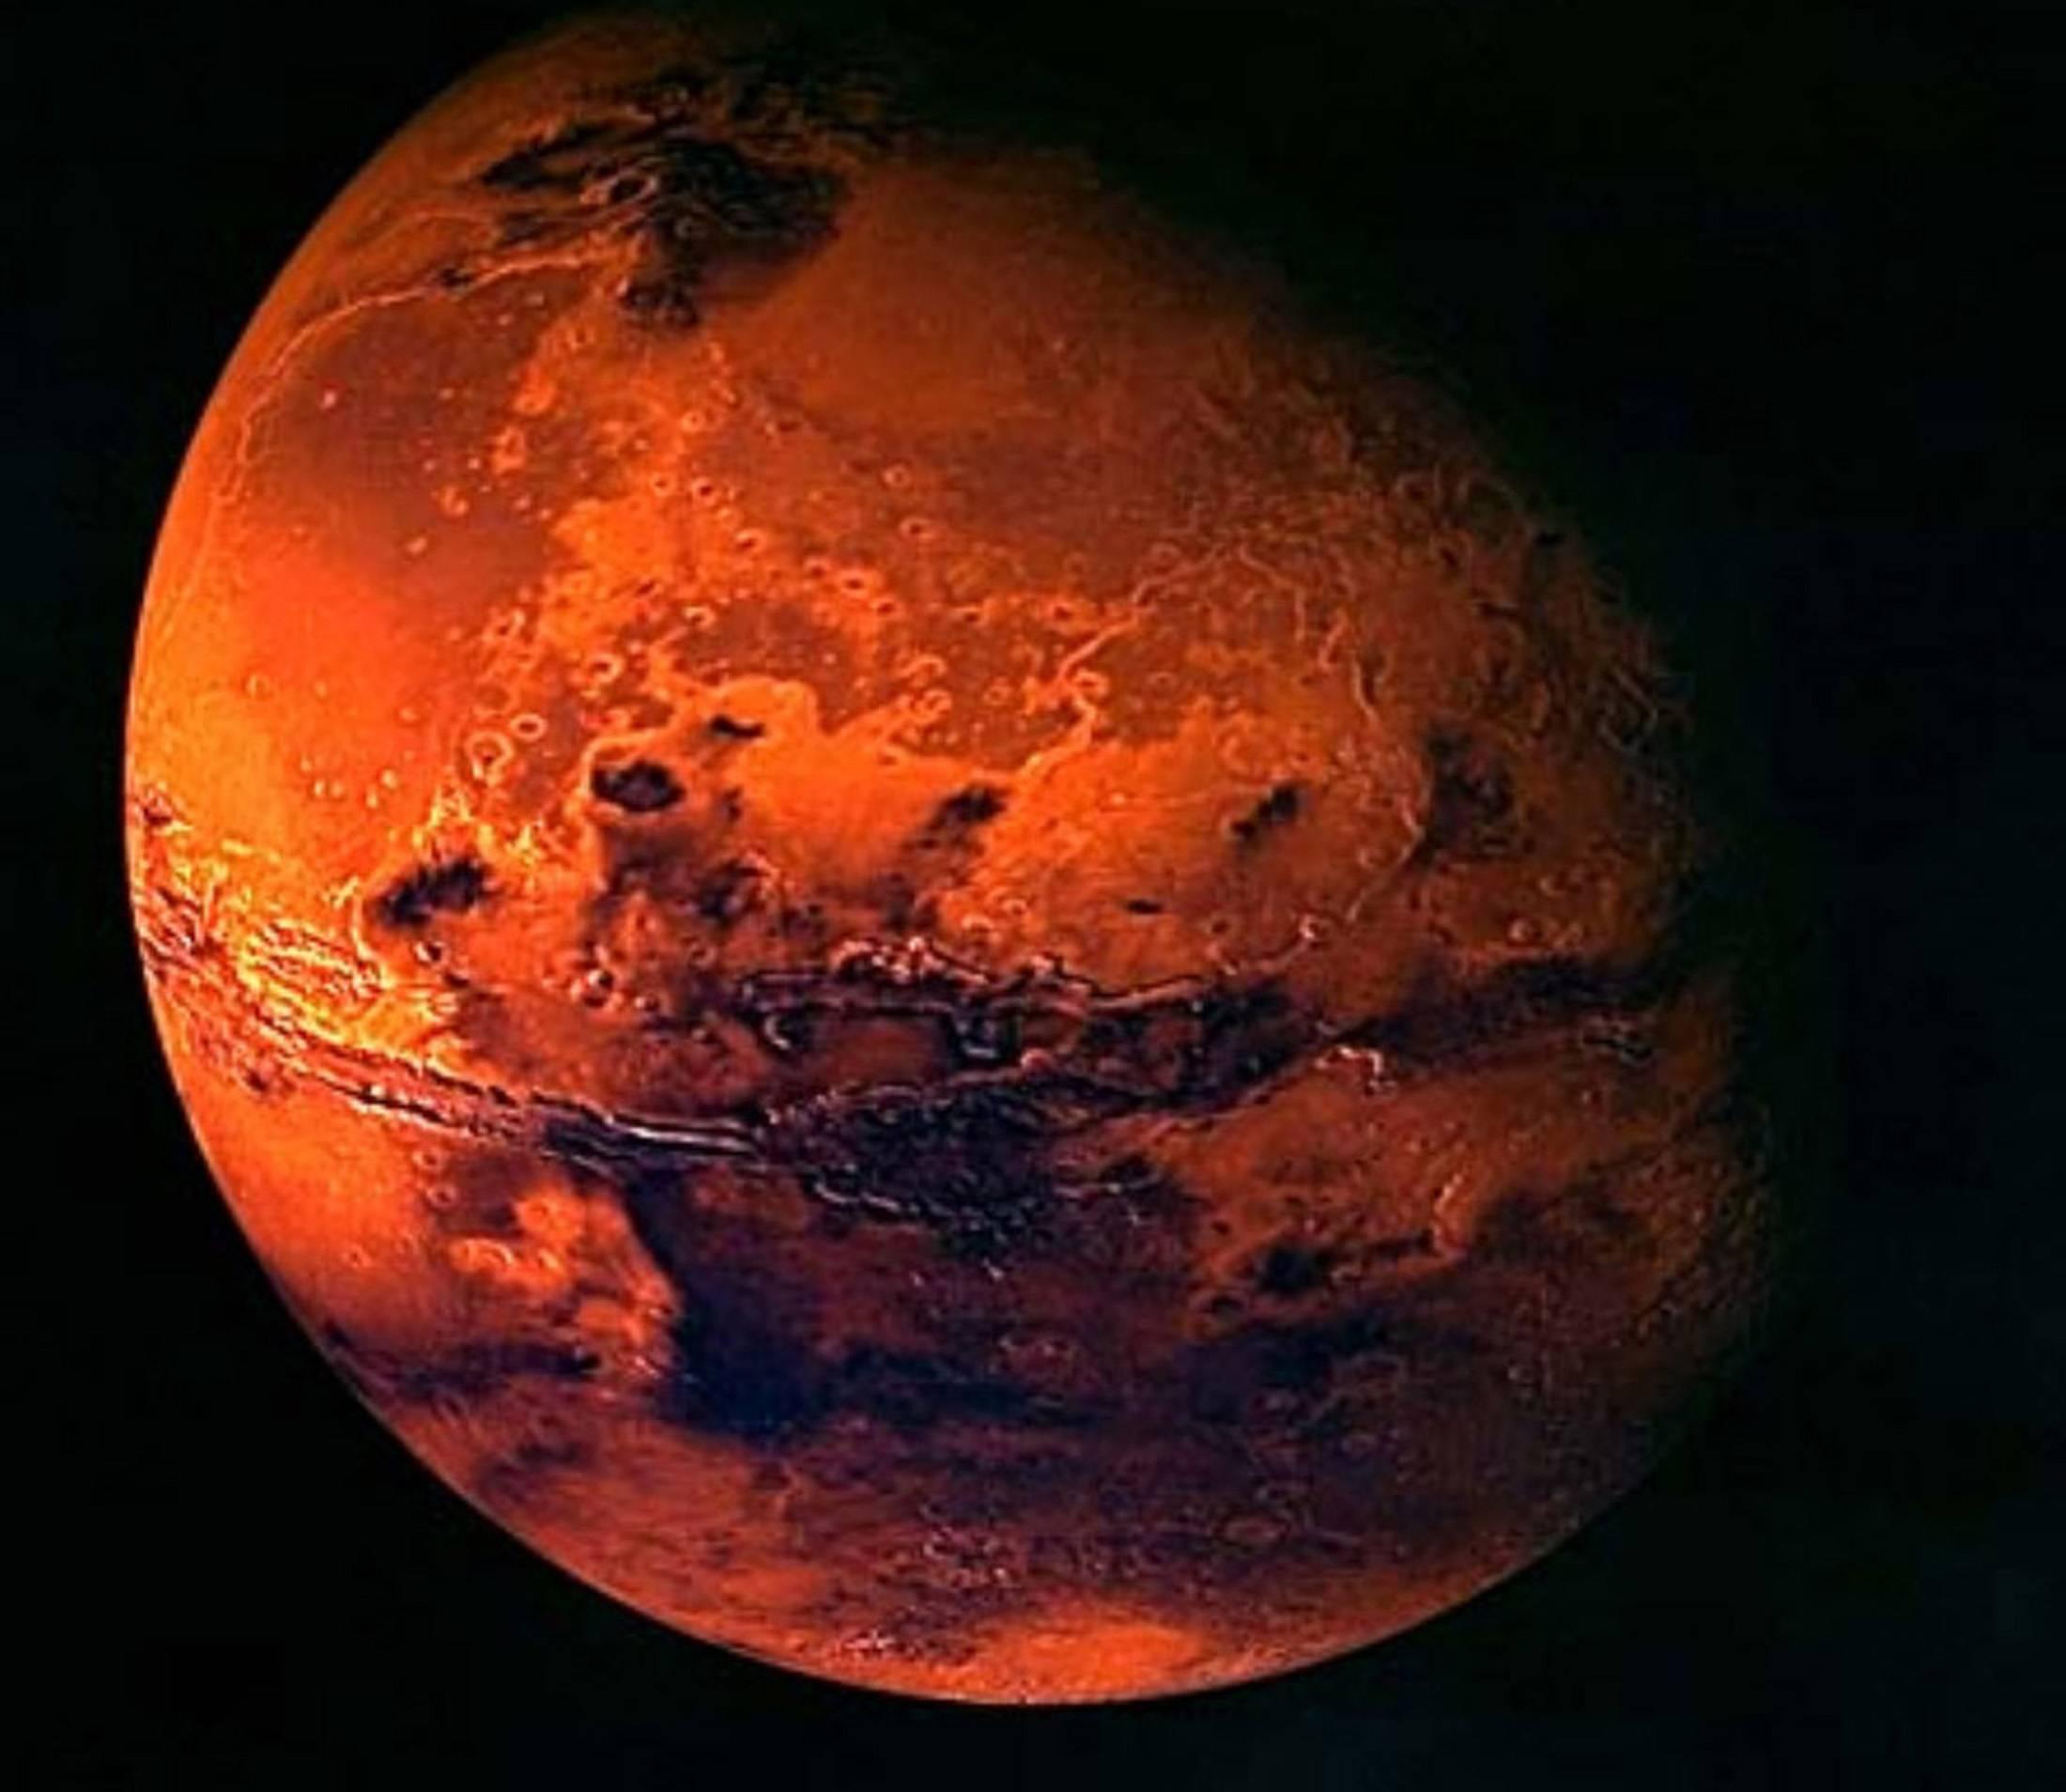 НаМарсе уже второй месяц неисчезает странное облако